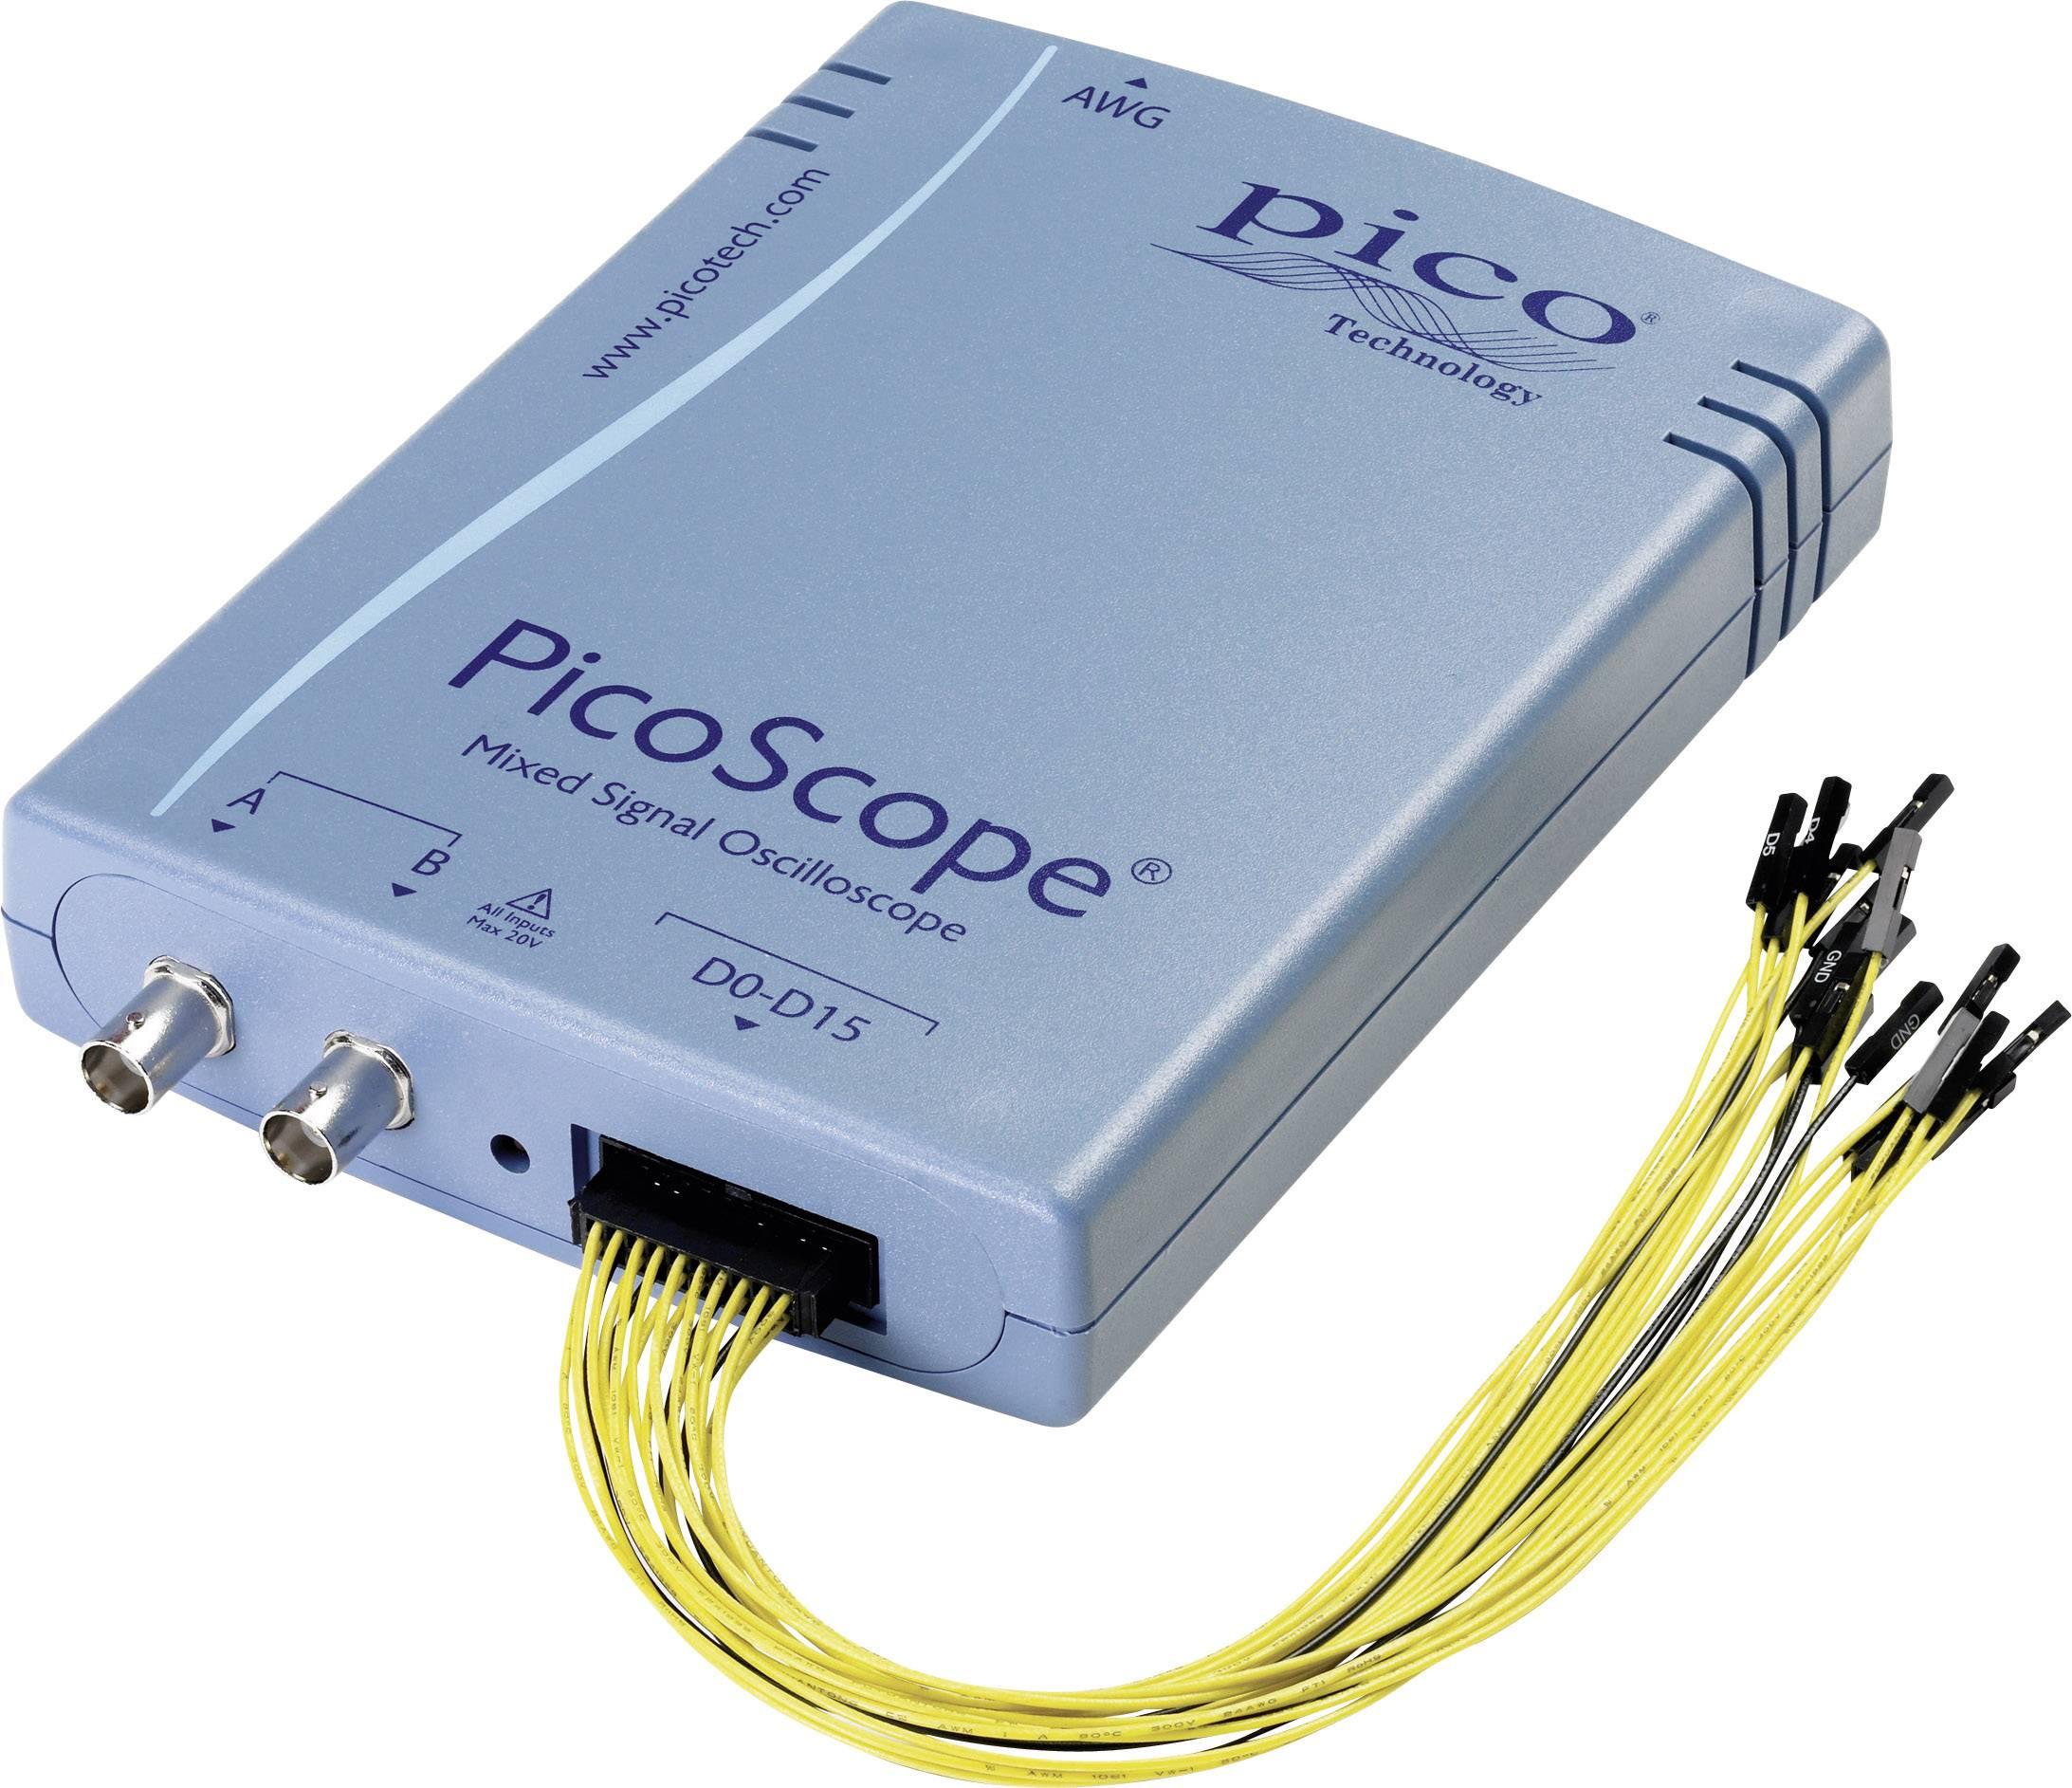 USB, PC osciloskop pico PP860, 100 MHz